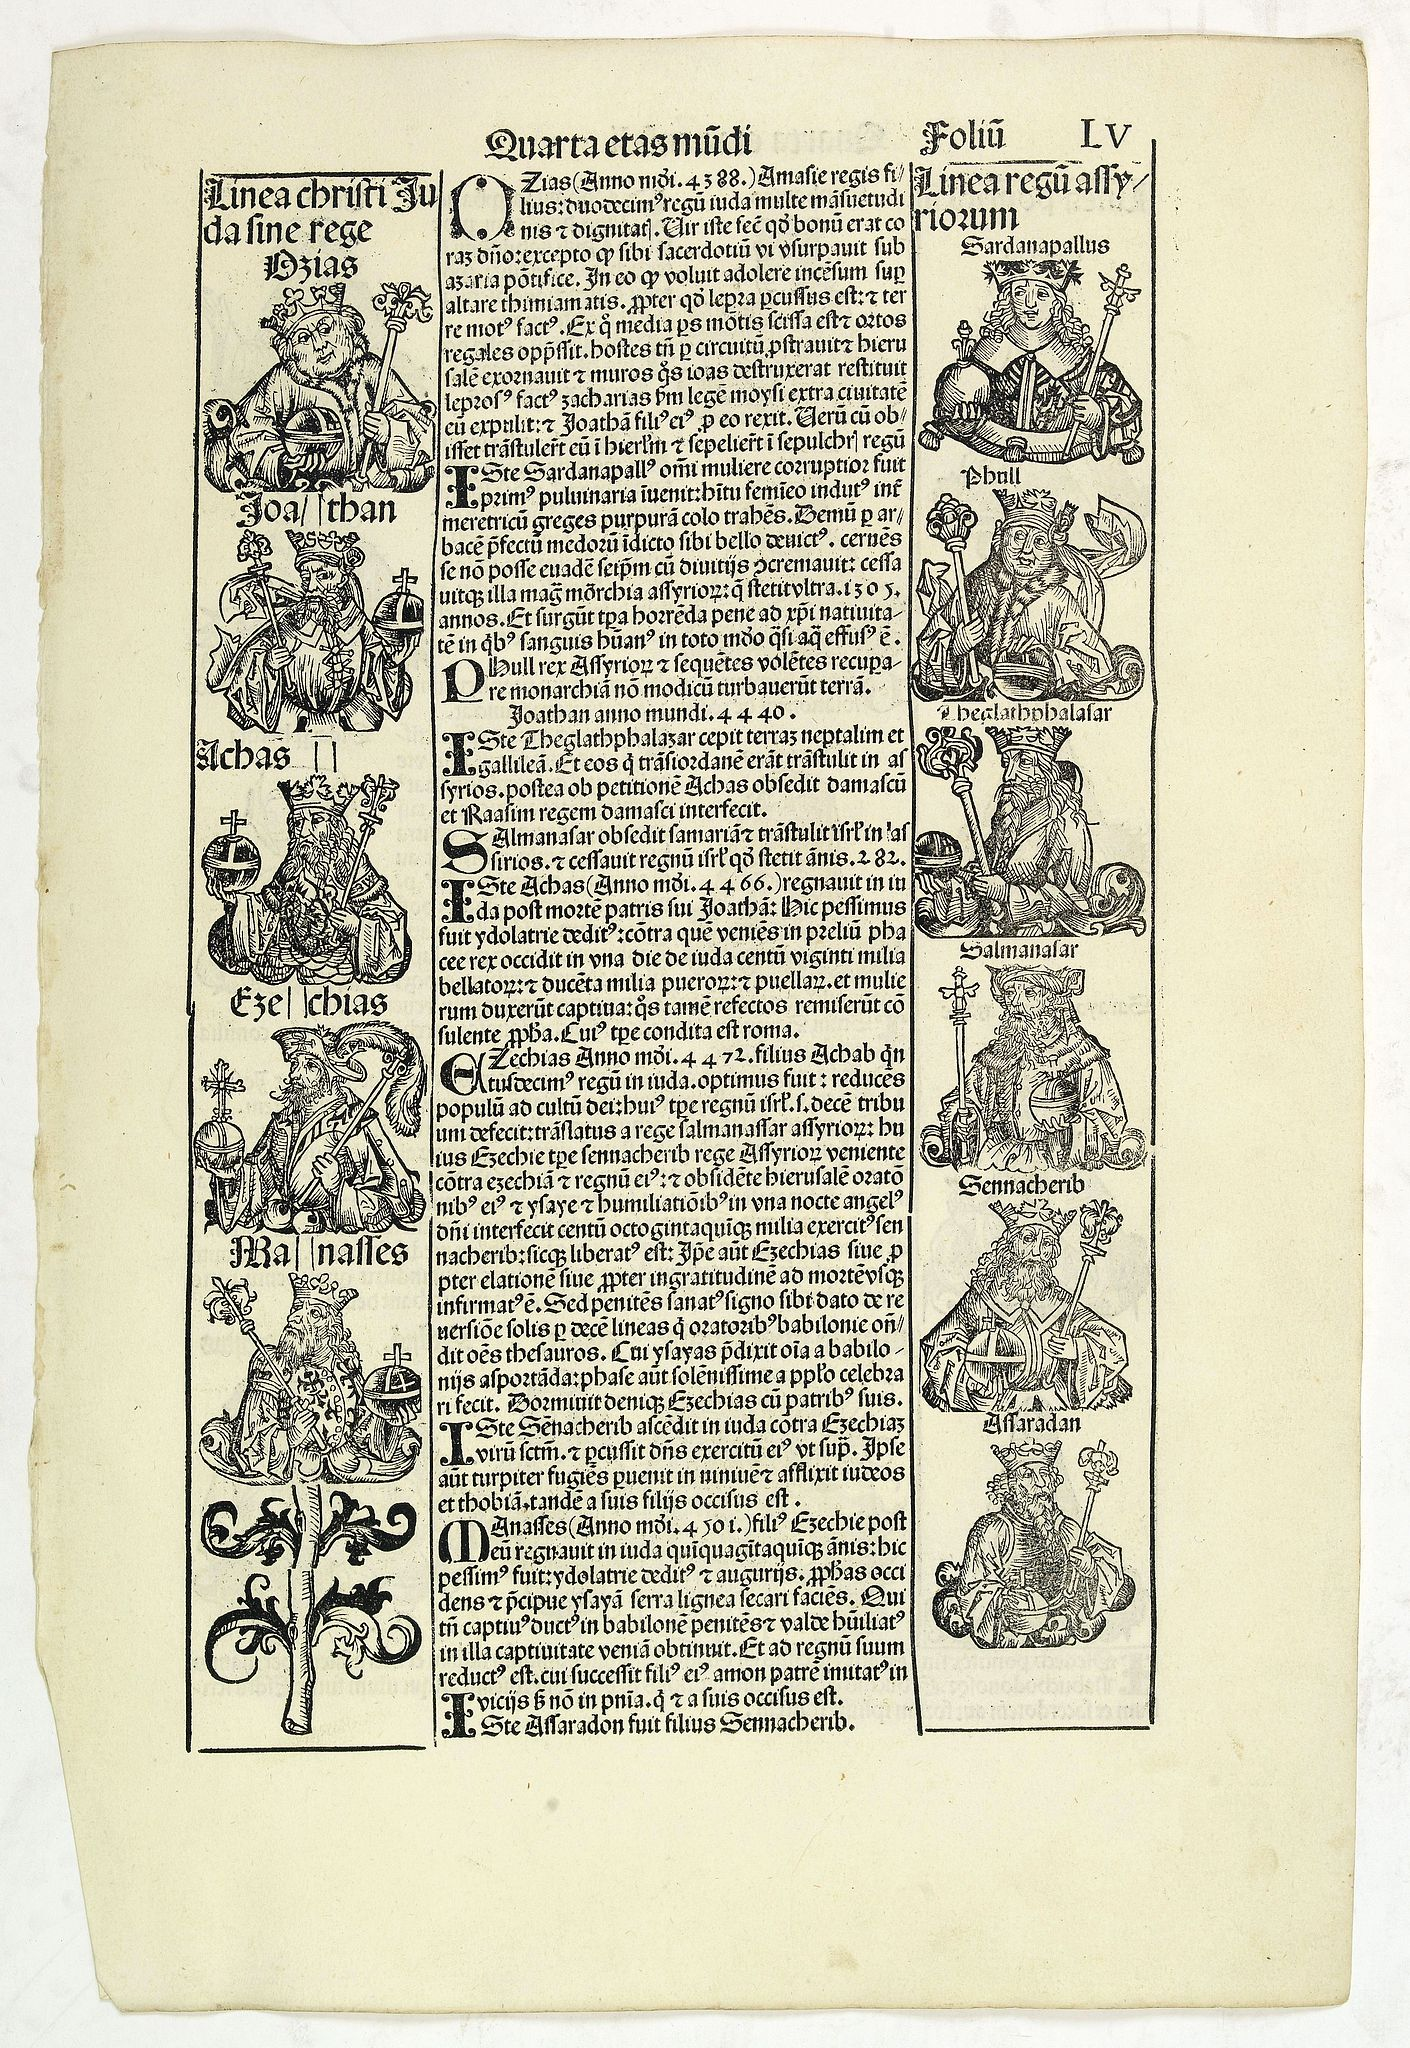 SCHEDEL, H. -  Quarta Etas Mundi. Folium.LV